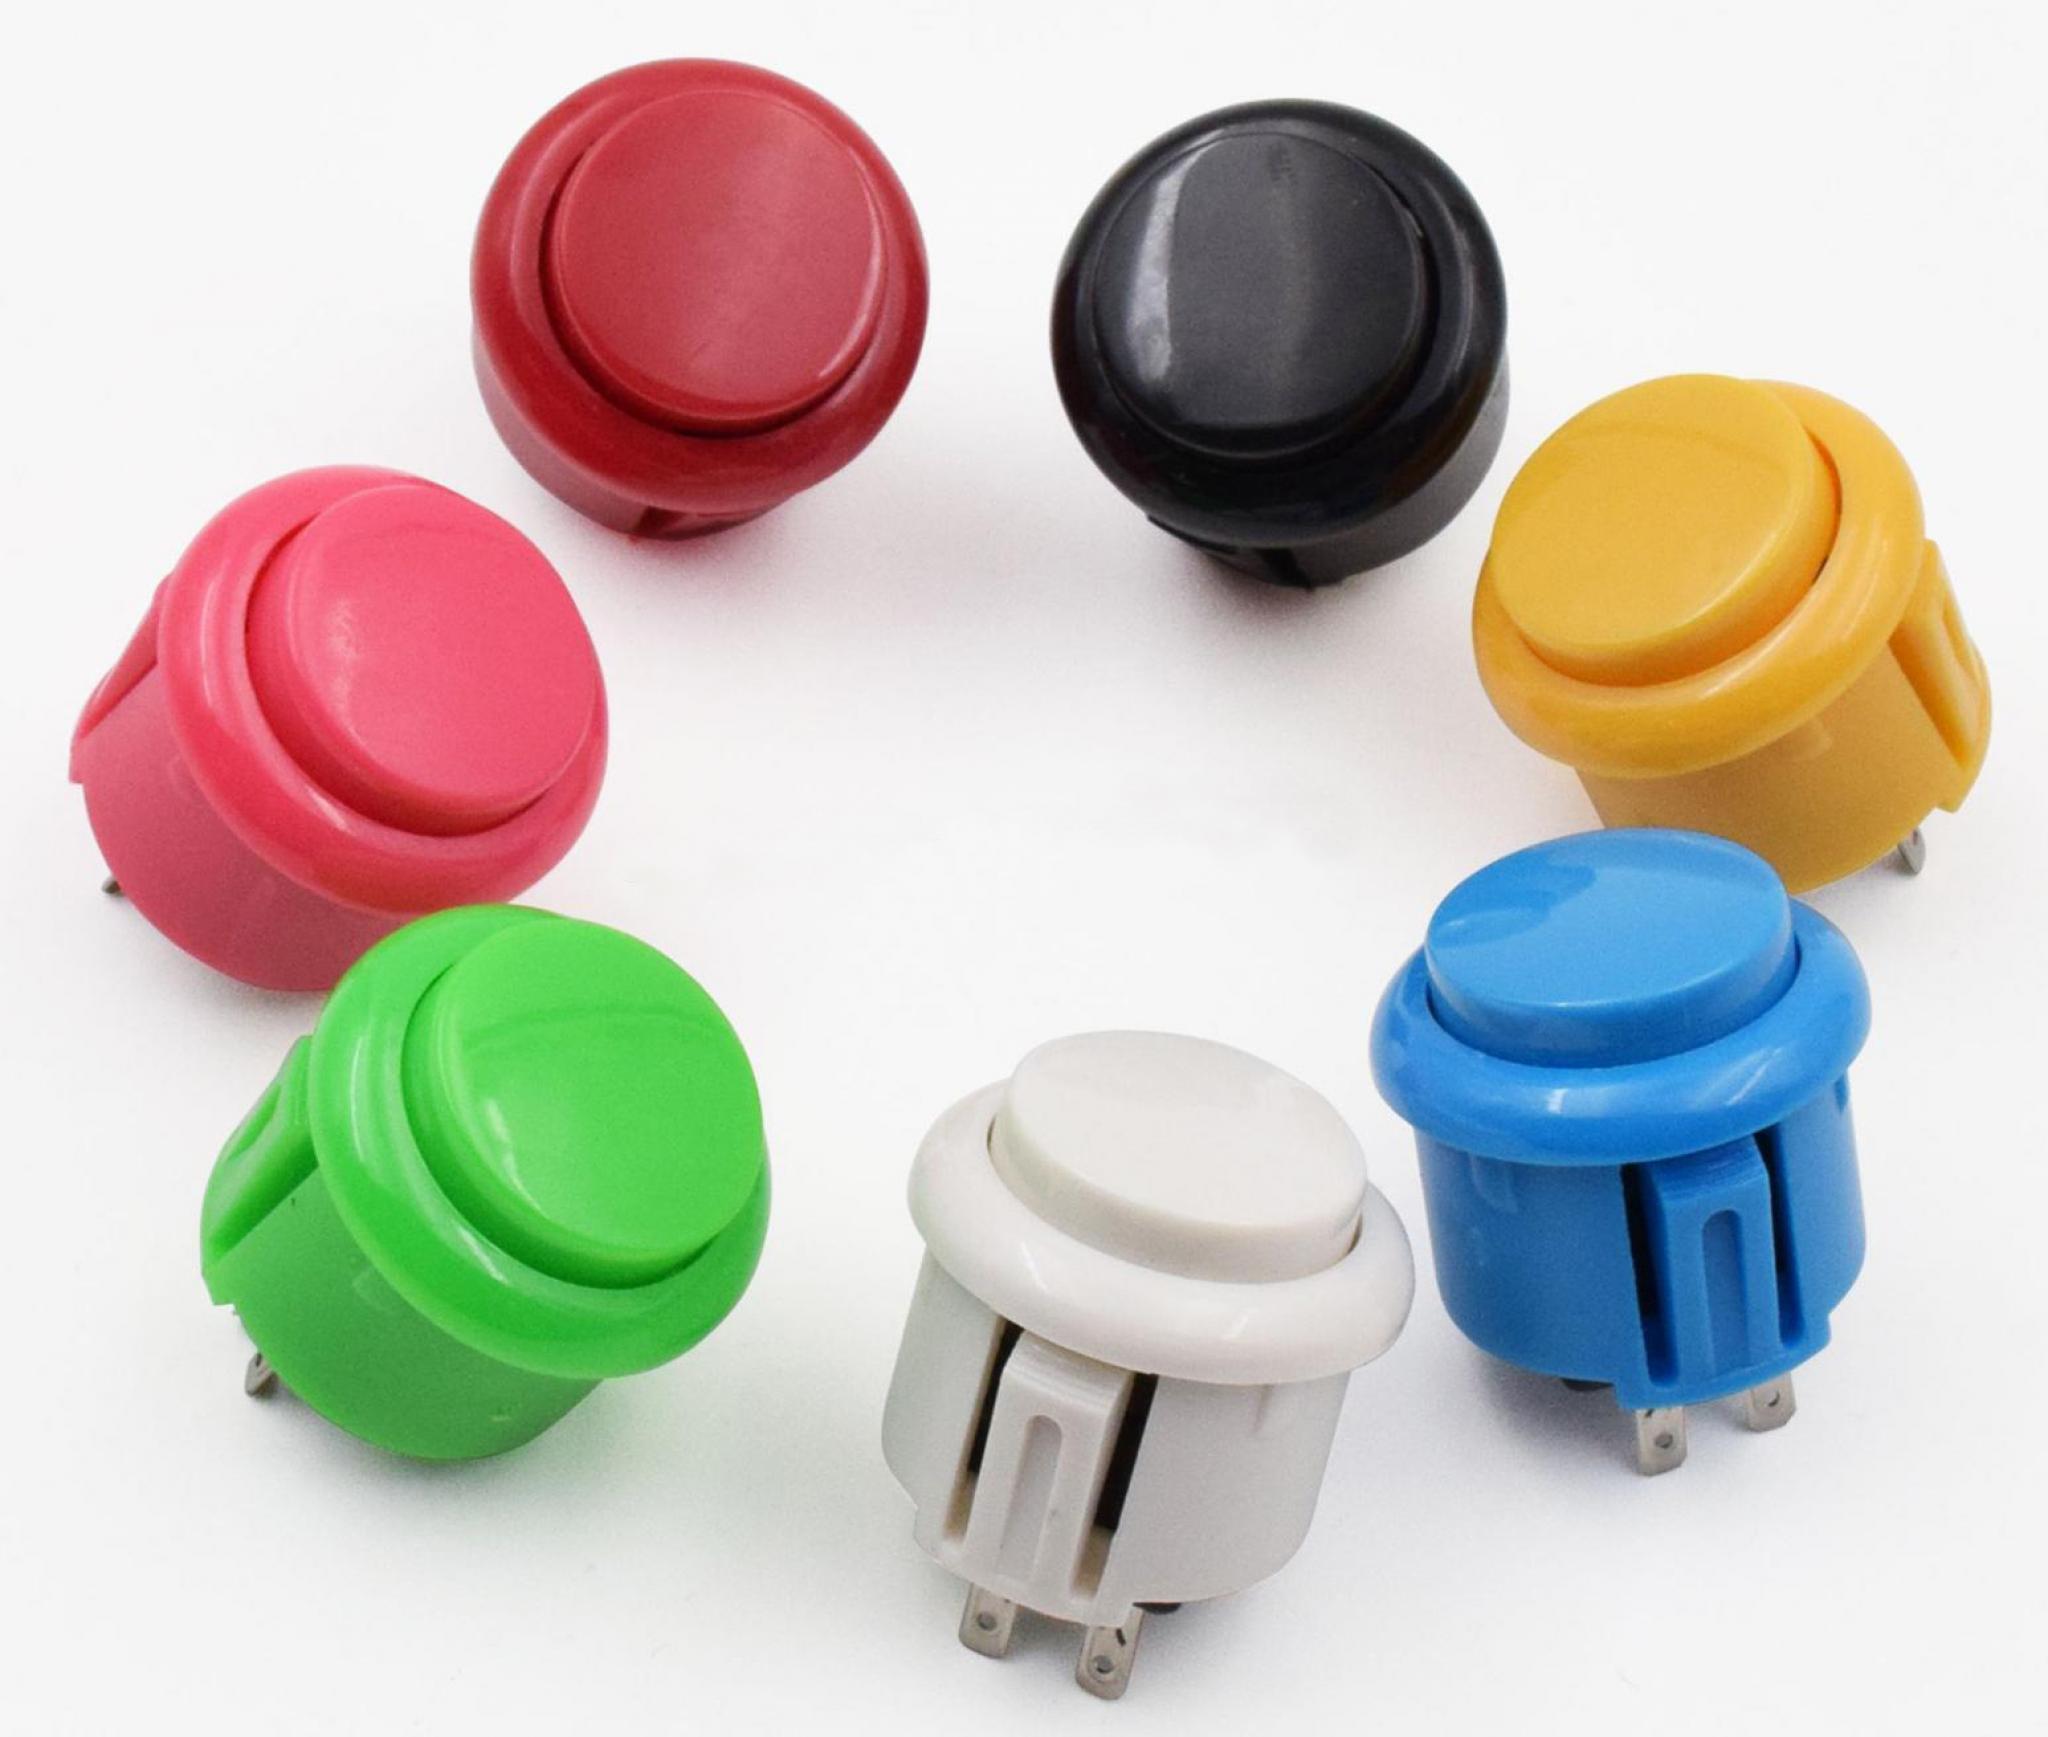 boton-pulsador-arcade-generico-24mm-1526-681-3